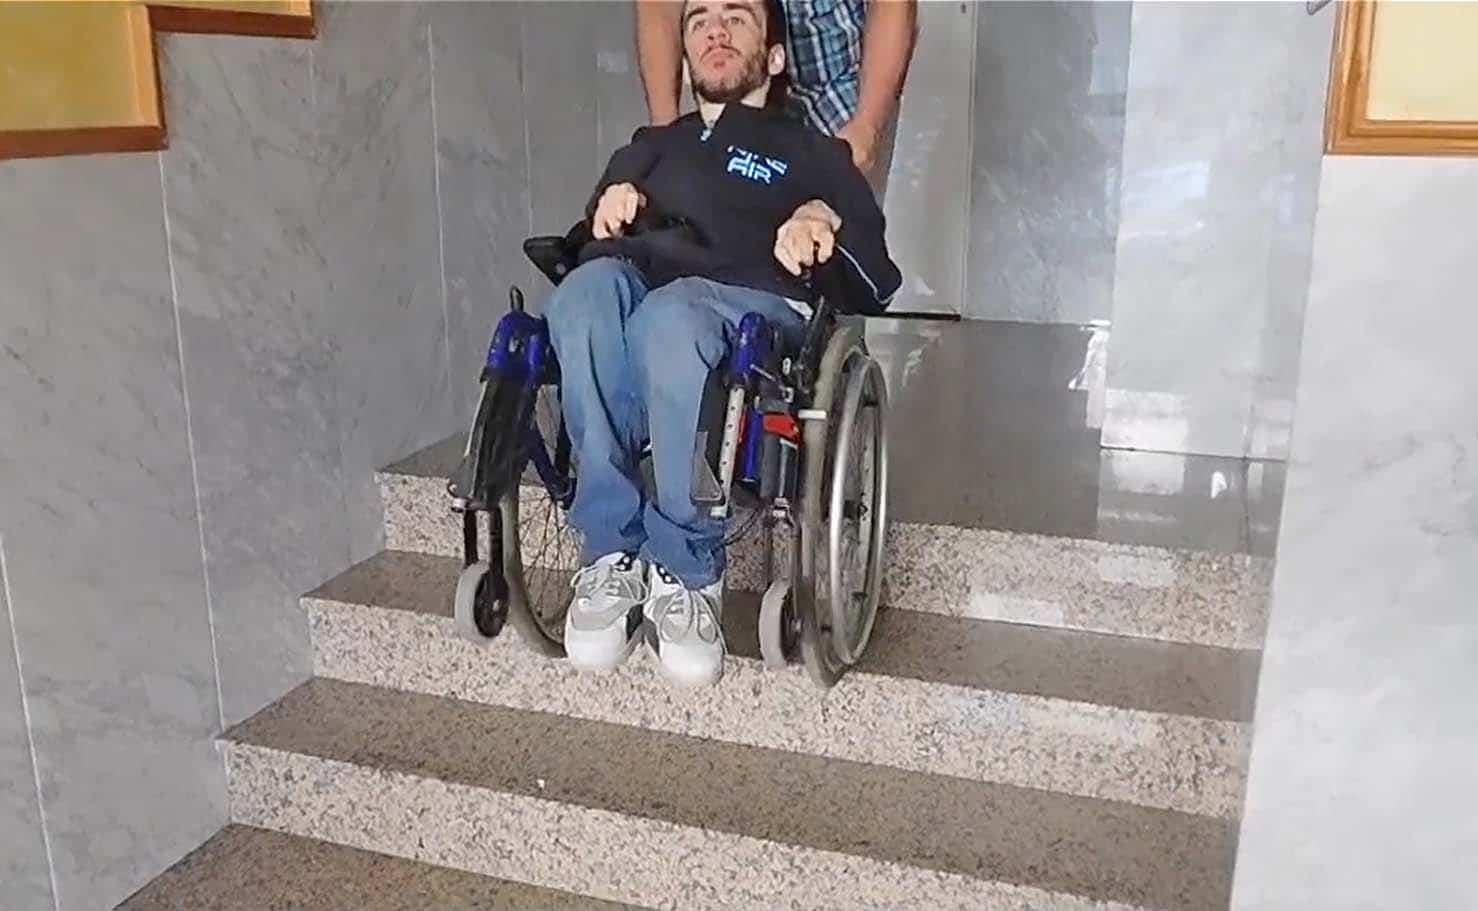 Adrián, el joven que tienes problemas de accesibilidad en su vivienda